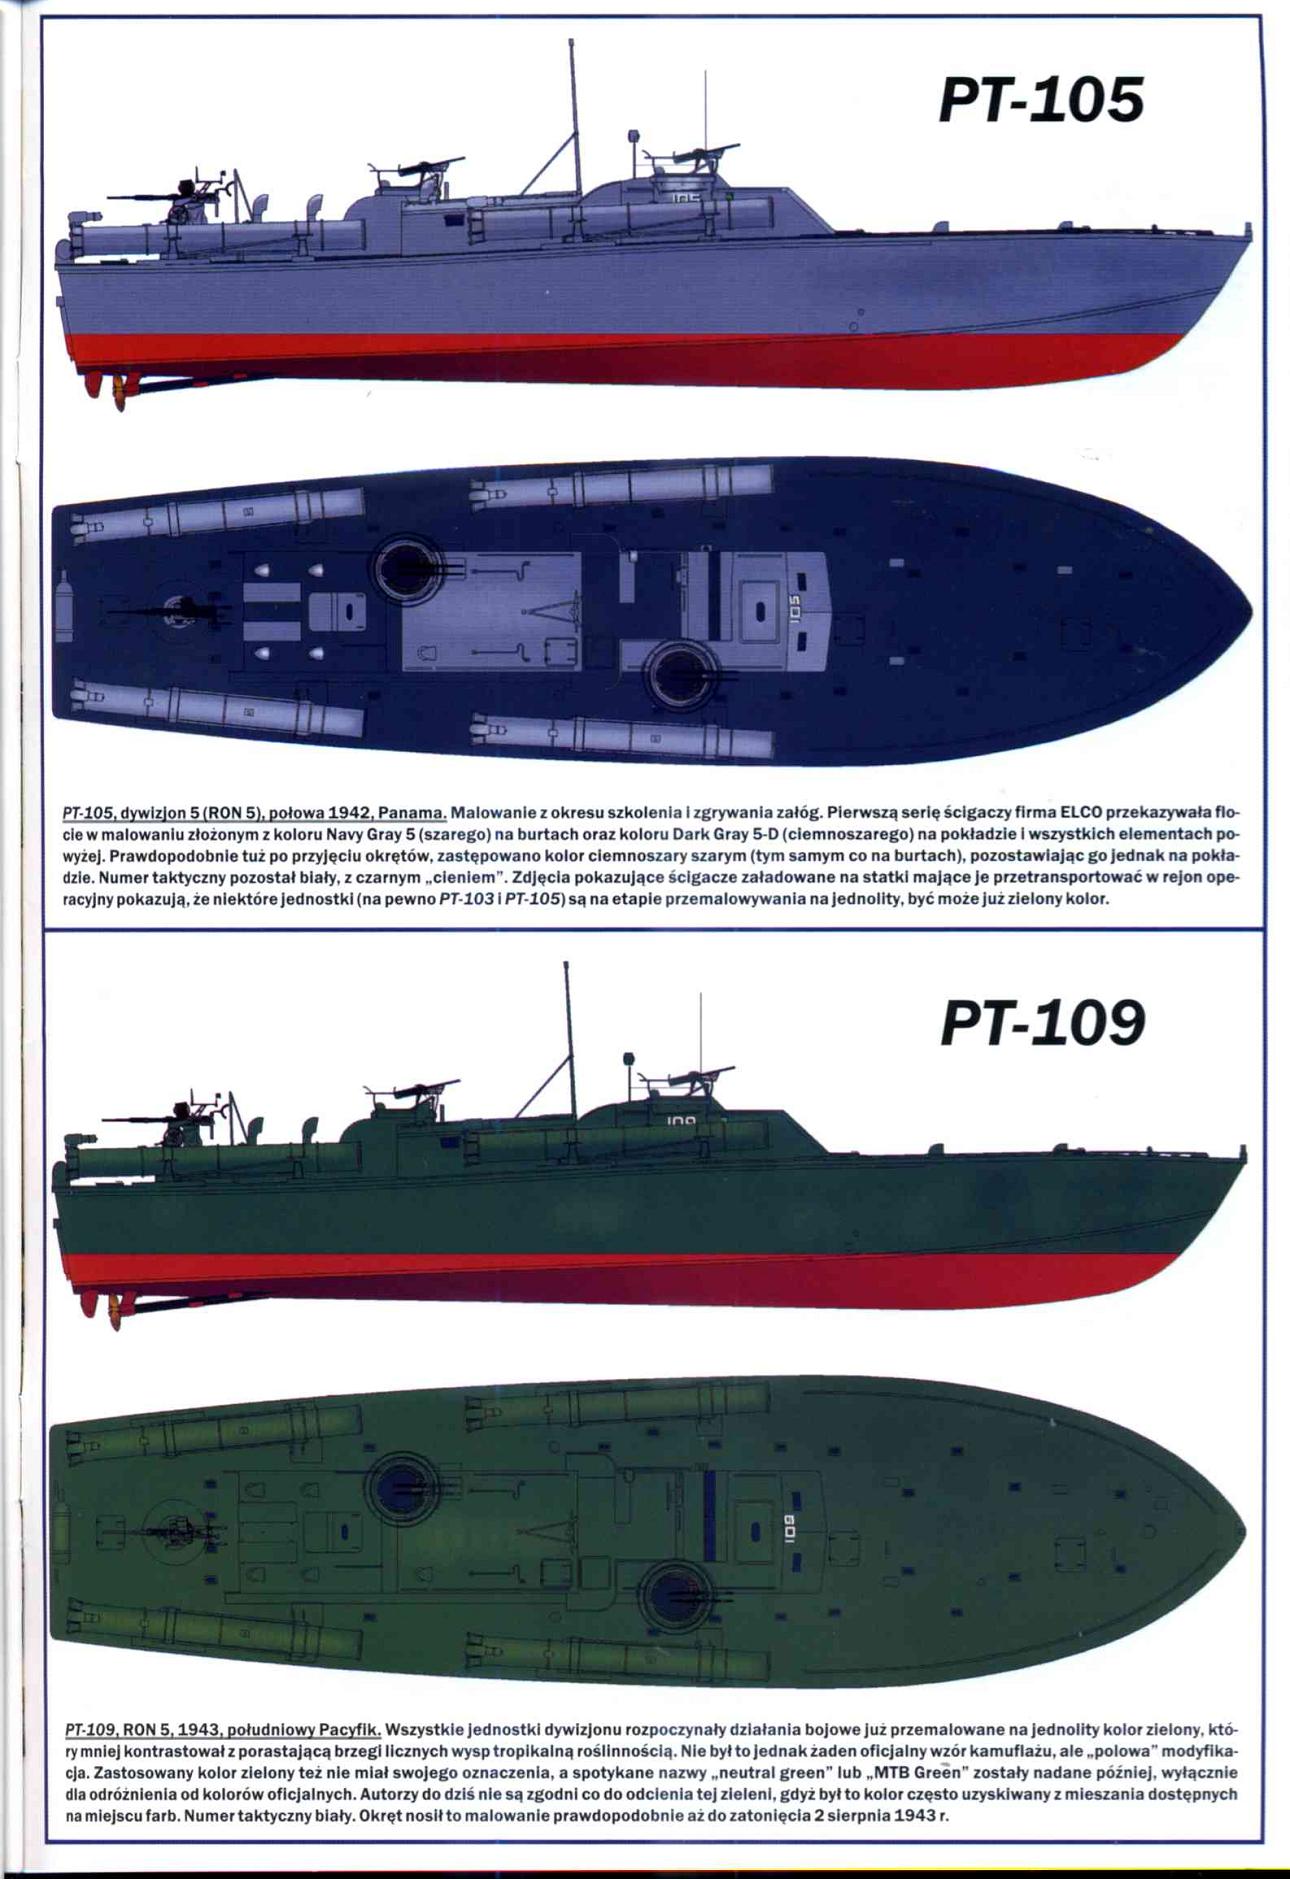 PT-105 PT-109 | Navy | Pt boat, Navy ships, Us navy ships